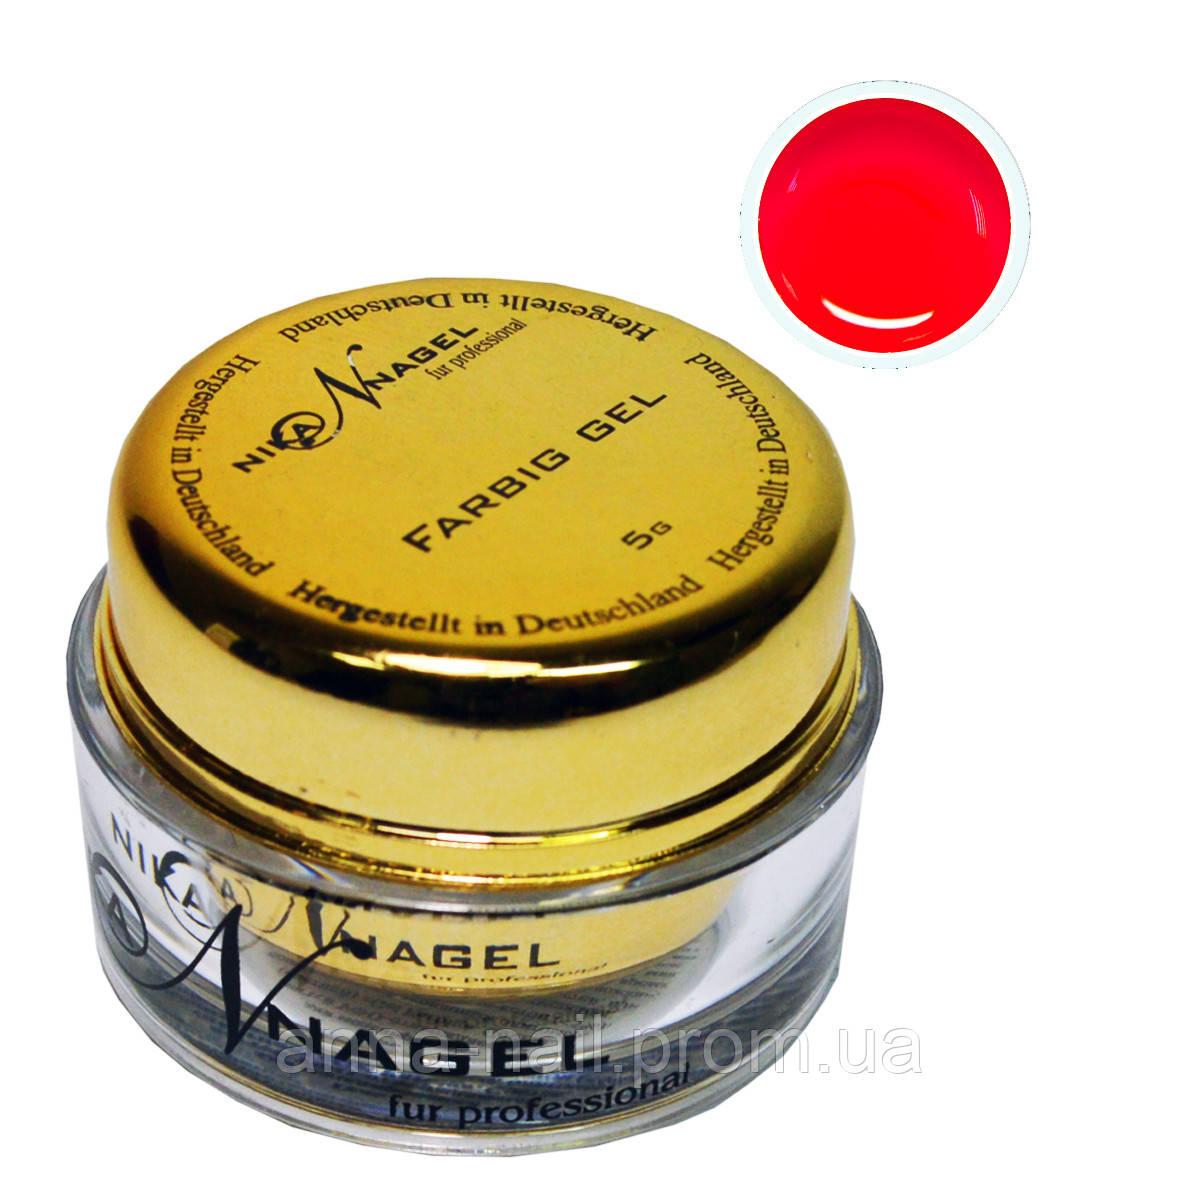 Гель для китайской росписи NIKA NAGEL Молодое вино K6 красный, 5 г